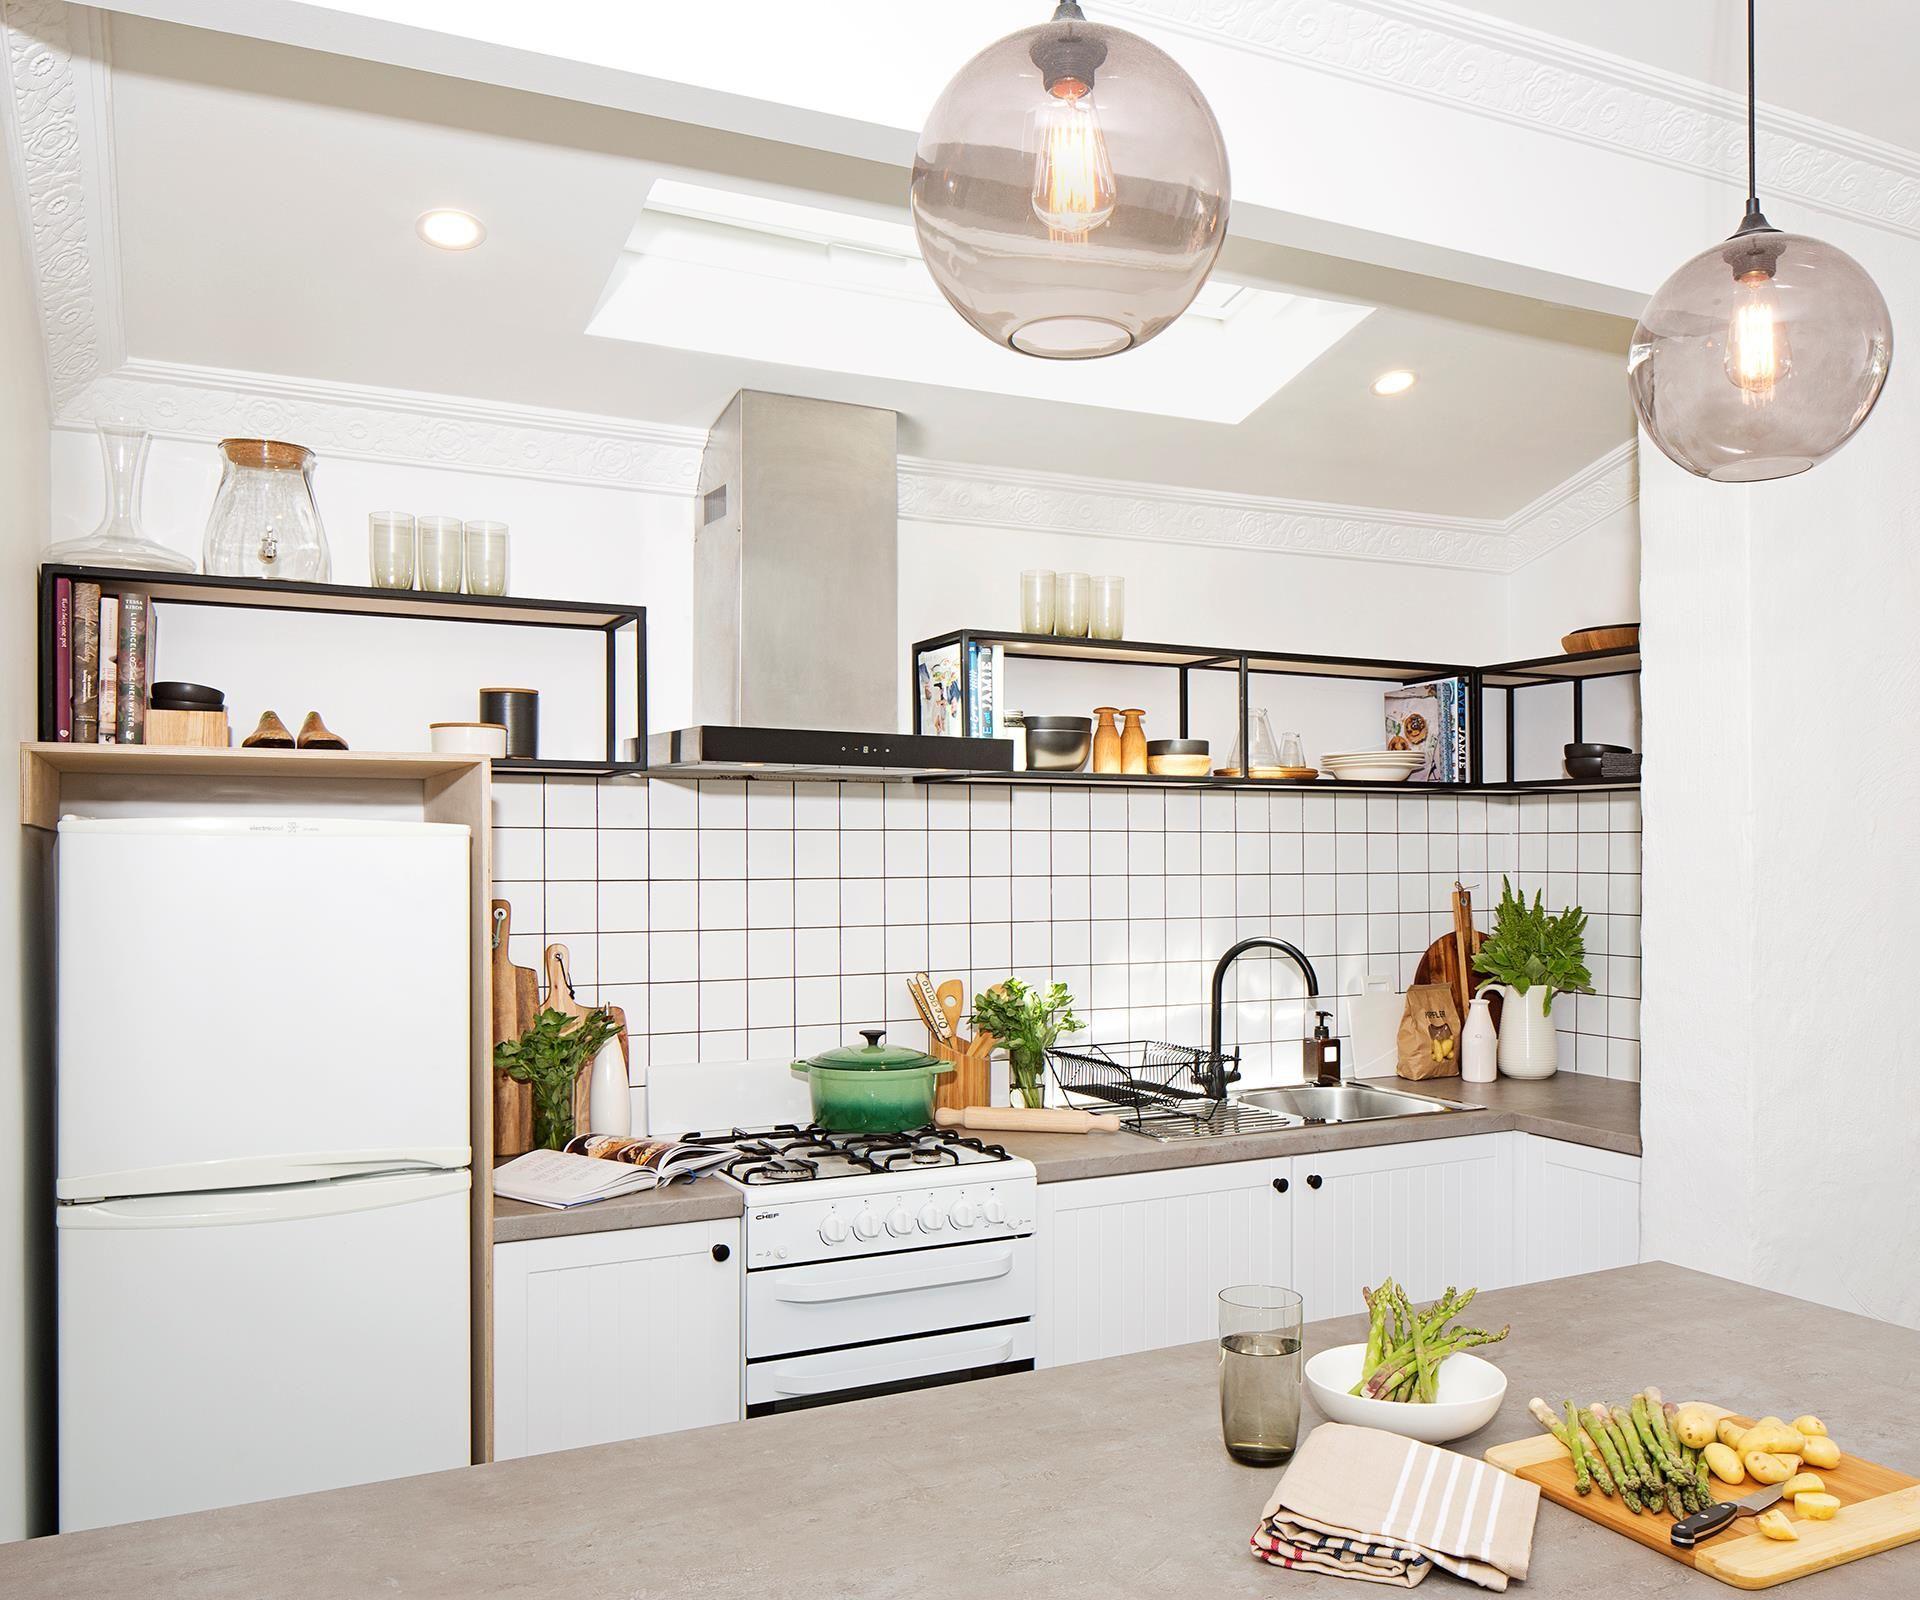 Groß Billige Landküche Umarbeitungen Fotos - Küchenschrank Ideen ...